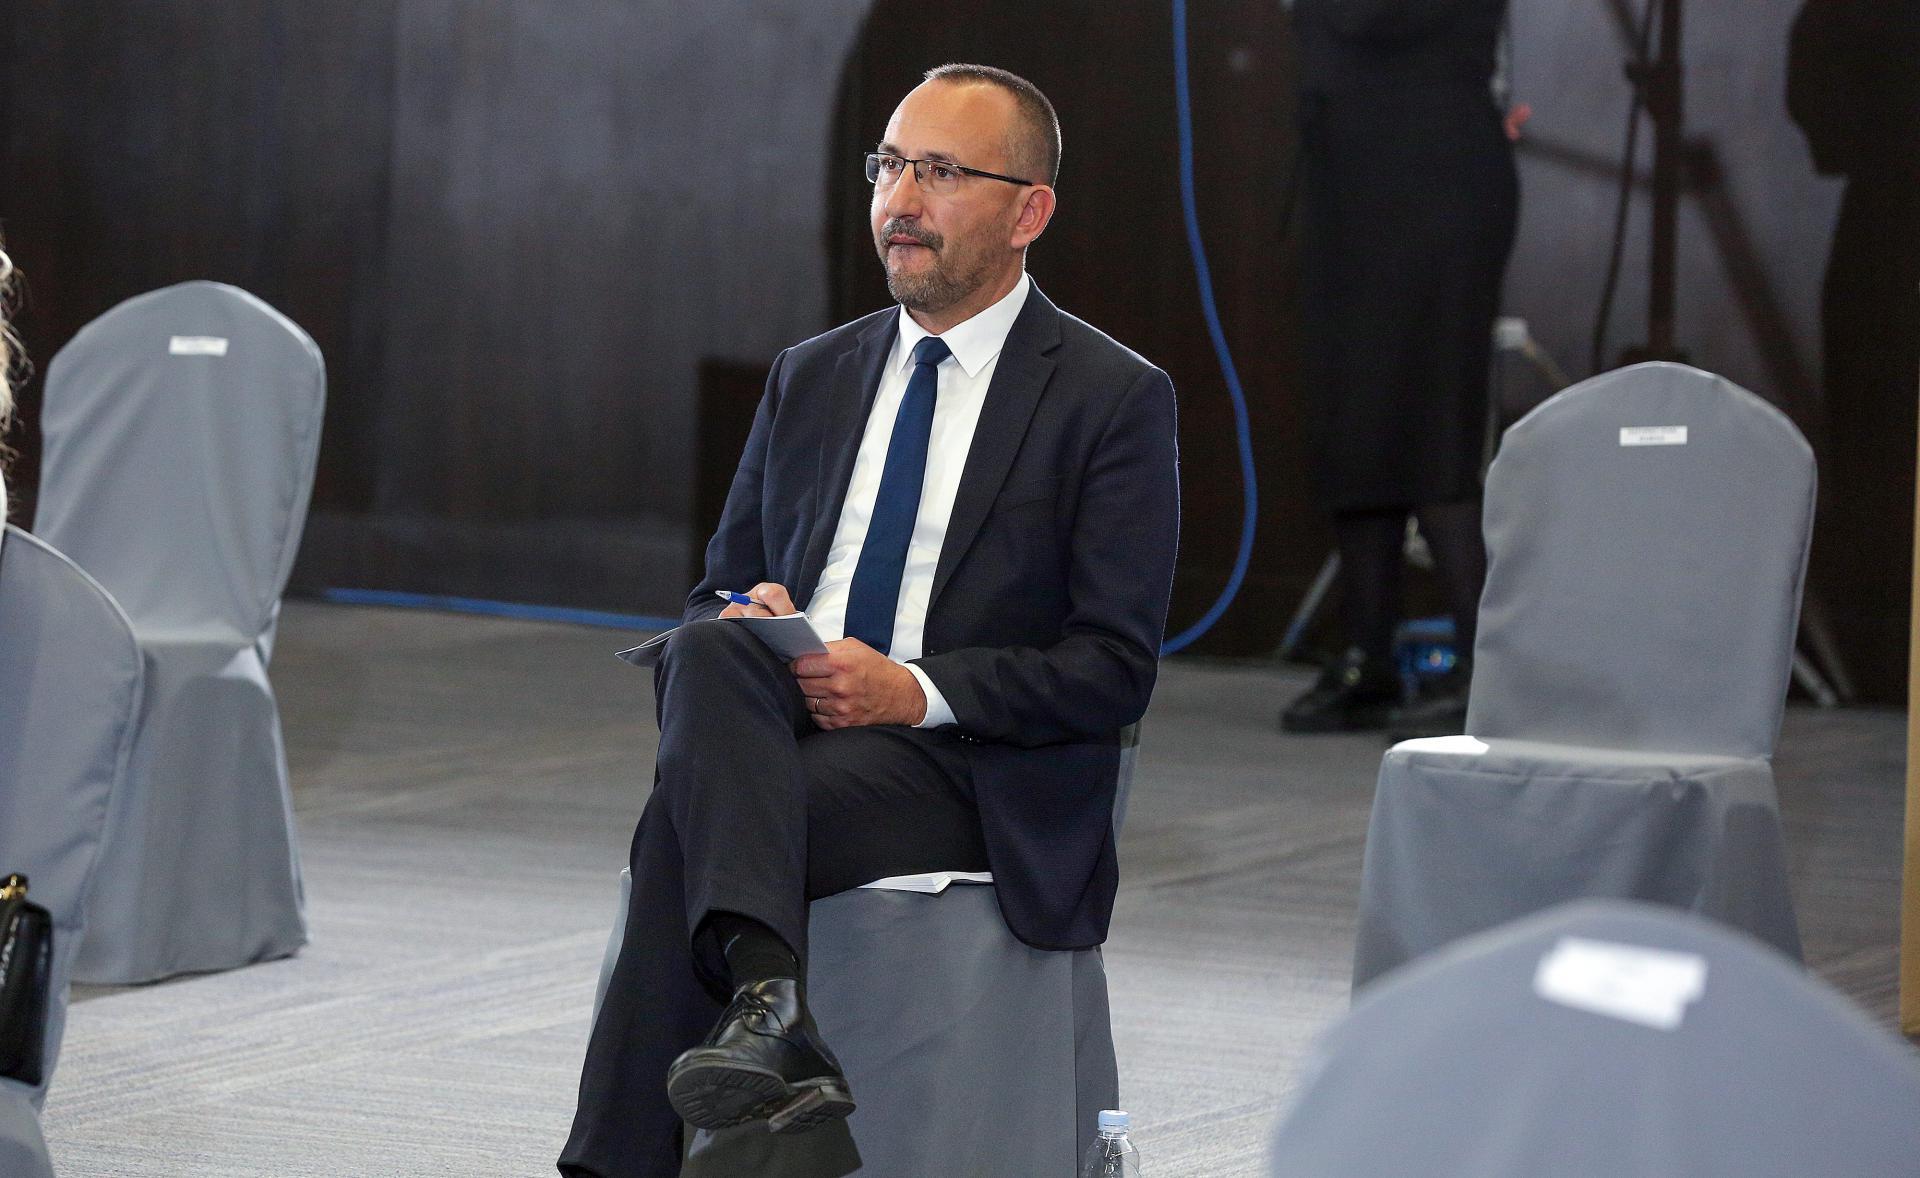 Incident u Saboru: Hrvoje Zekanović neprimjereno se ponio prema Vesni Pusić, stigle osude iz HDZ-a i SDP-a